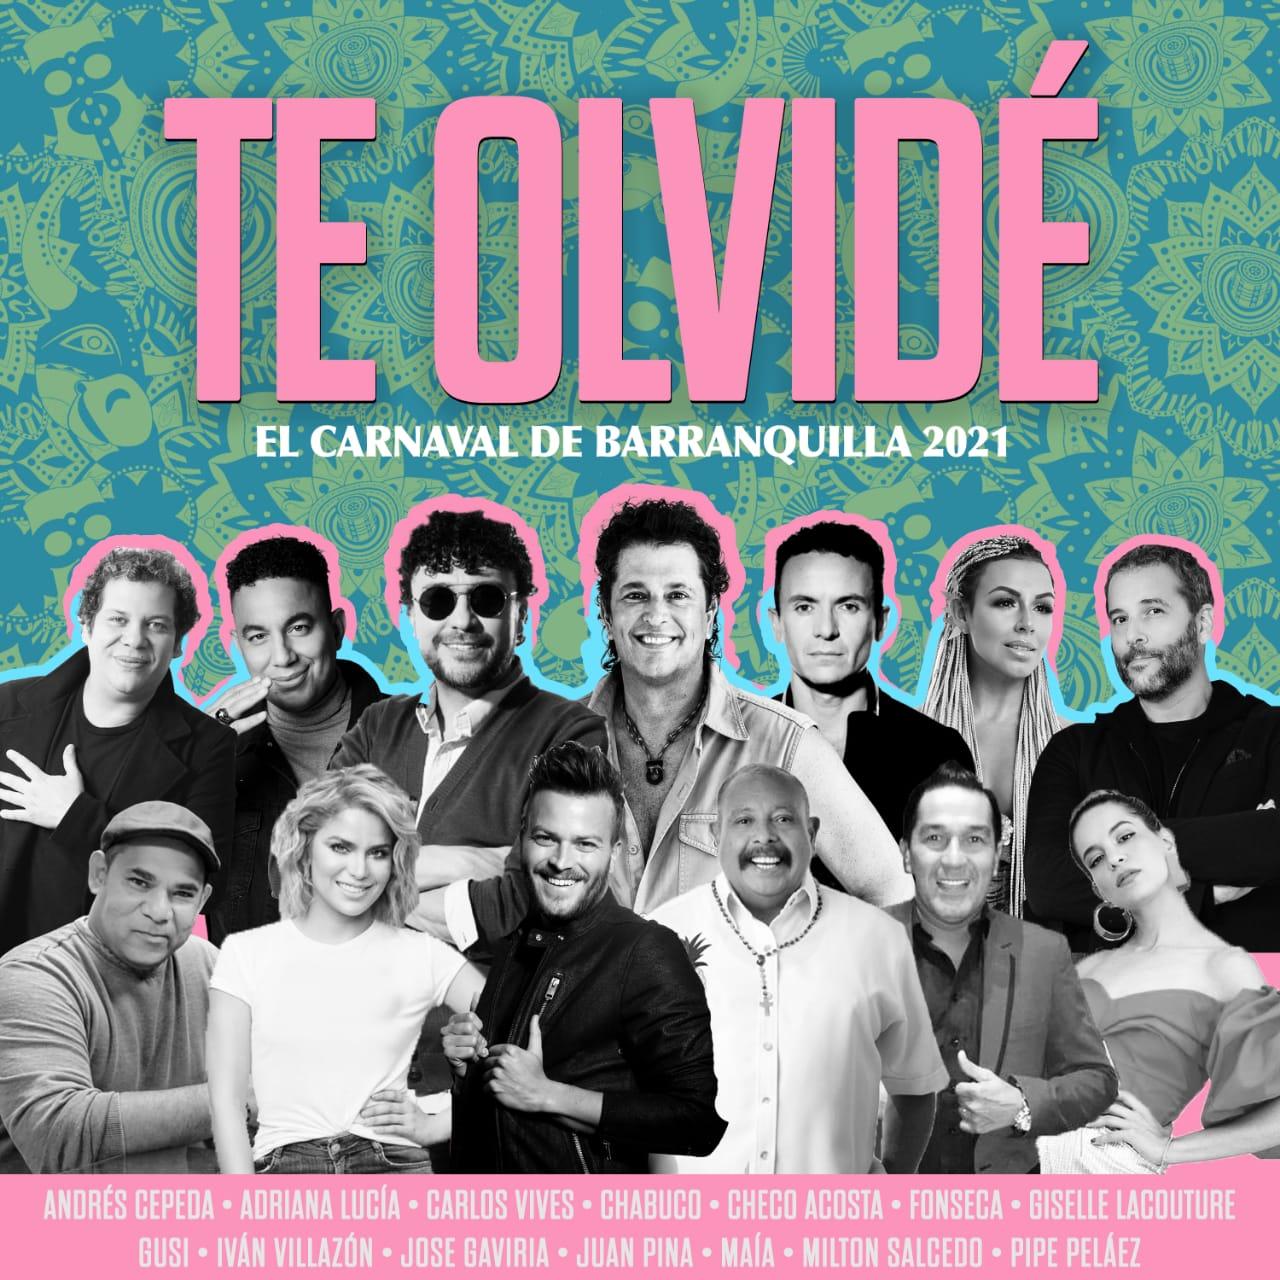 Colombia le canta al Carnaval de Barranquilla